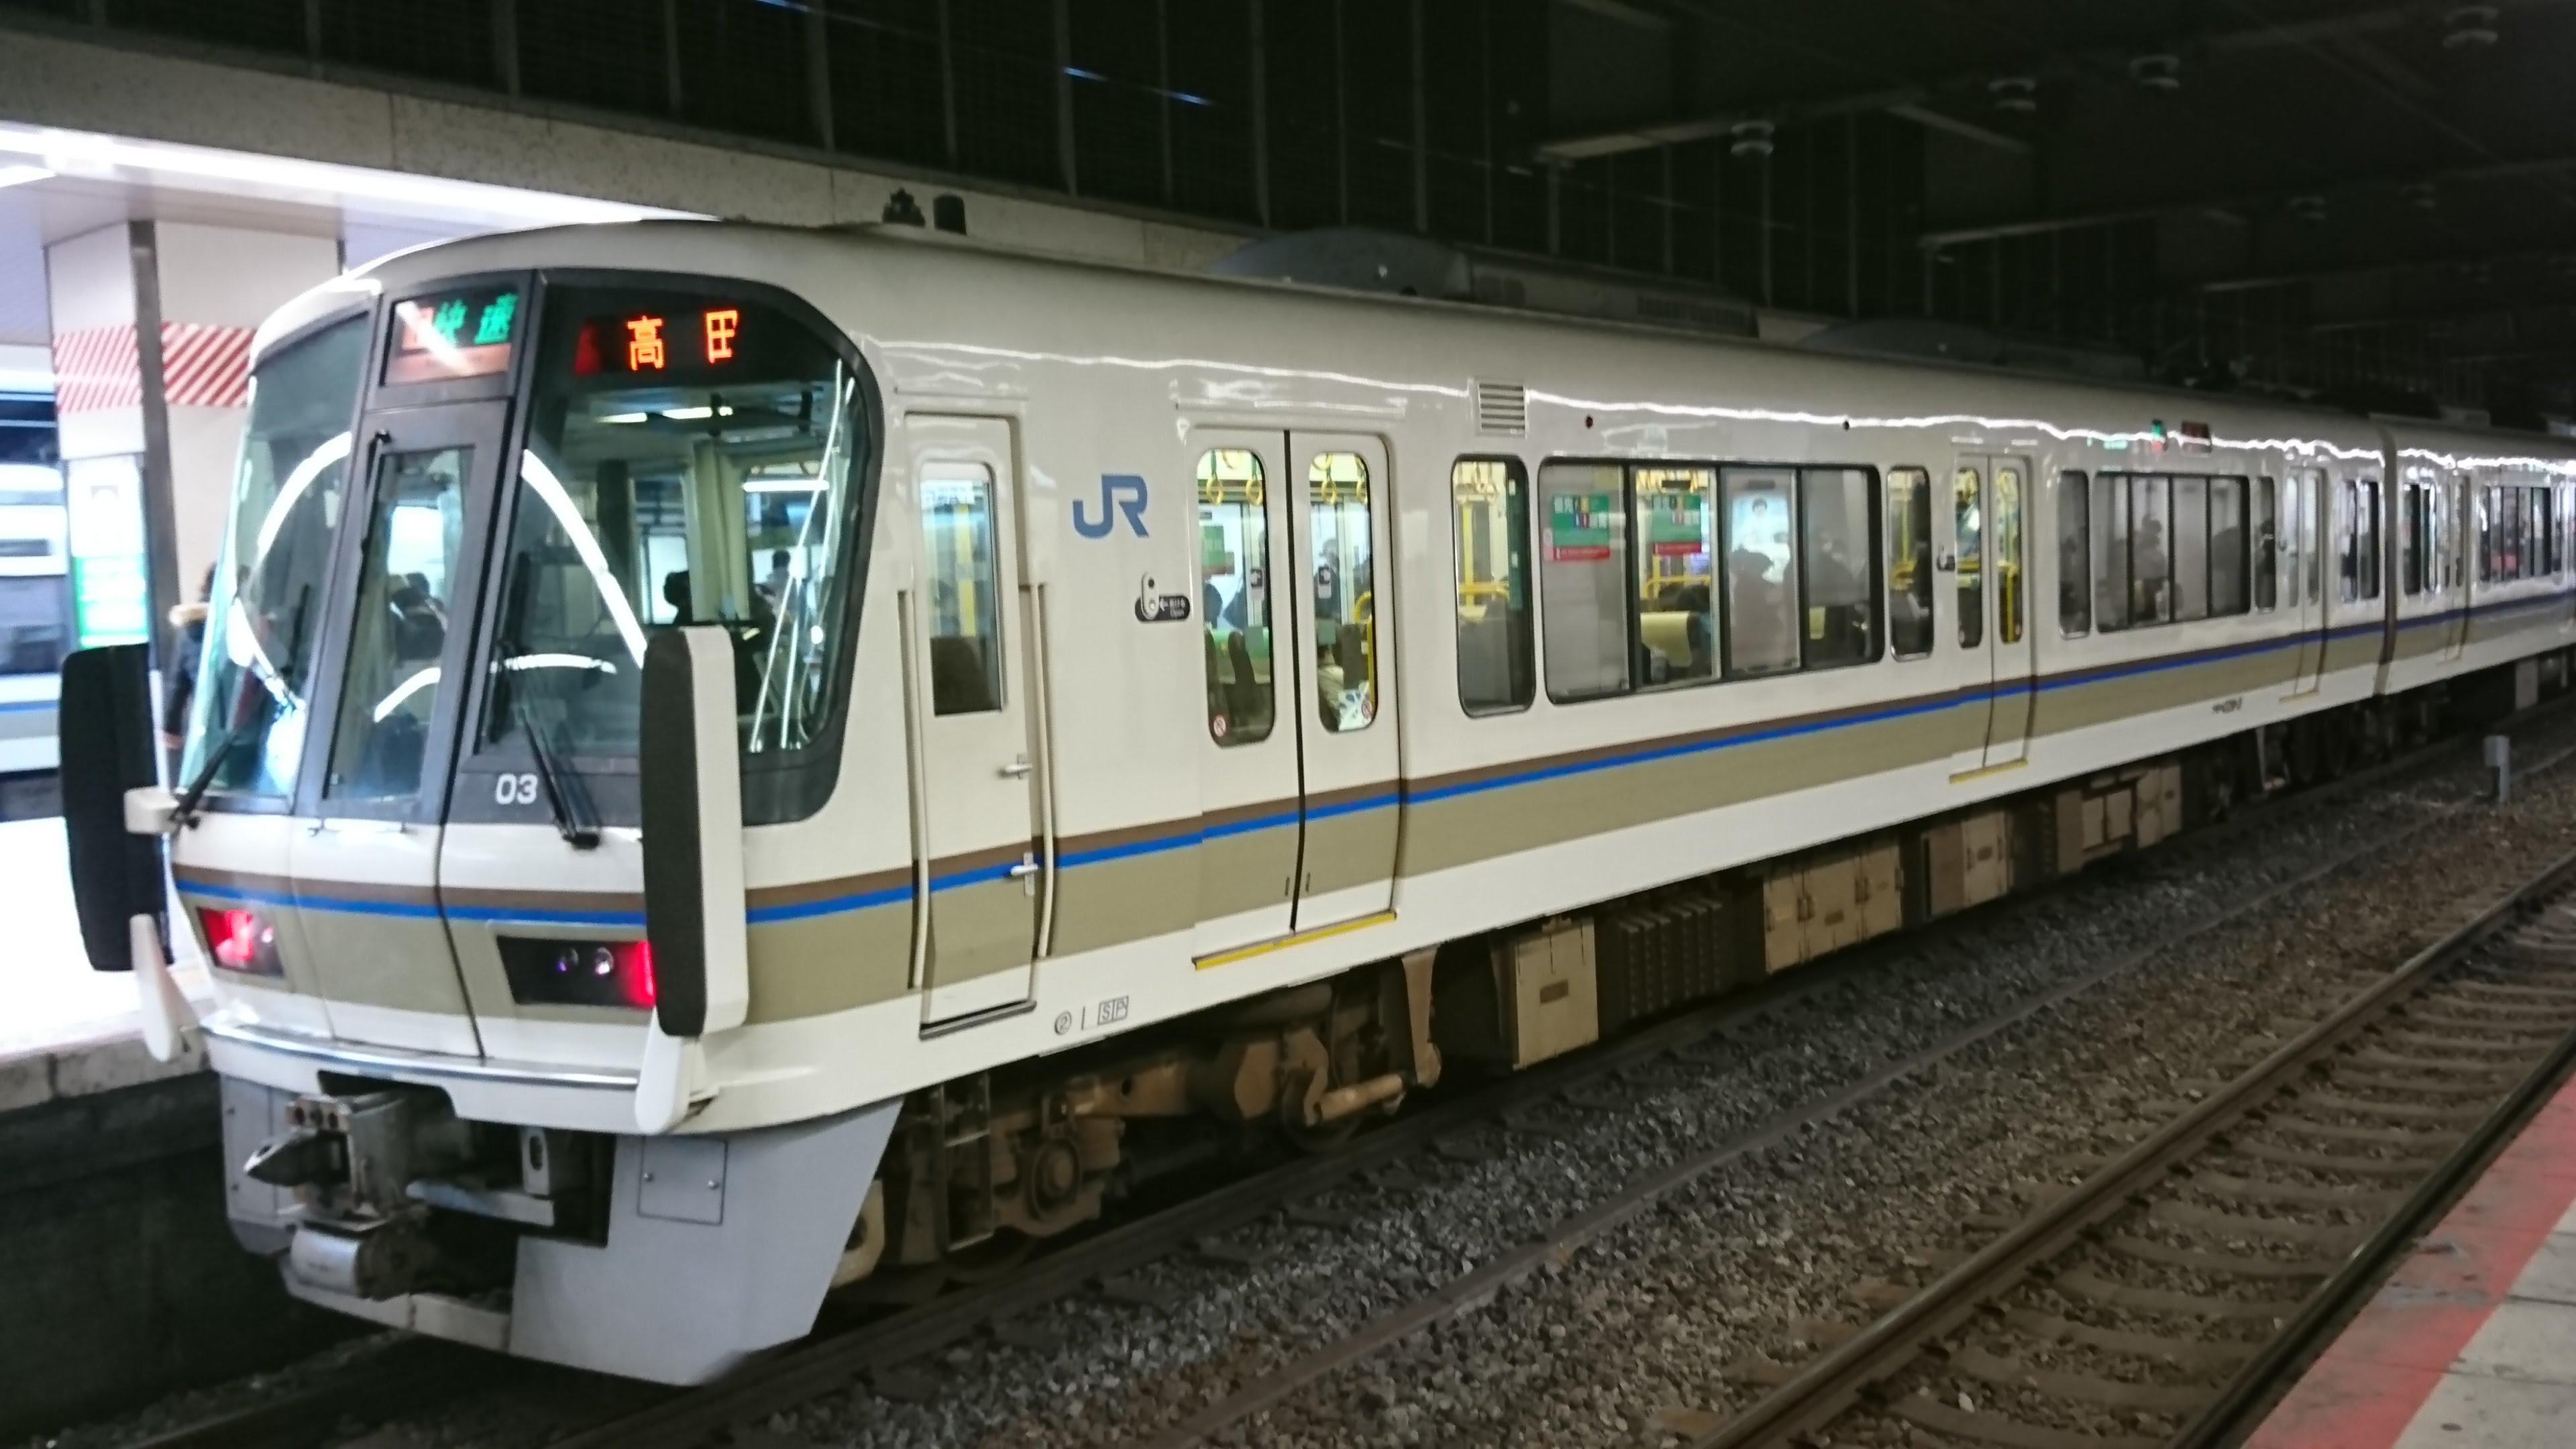 http://blog.osaka-ue.ac.jp/student/item/221kei%20koushin.JPG